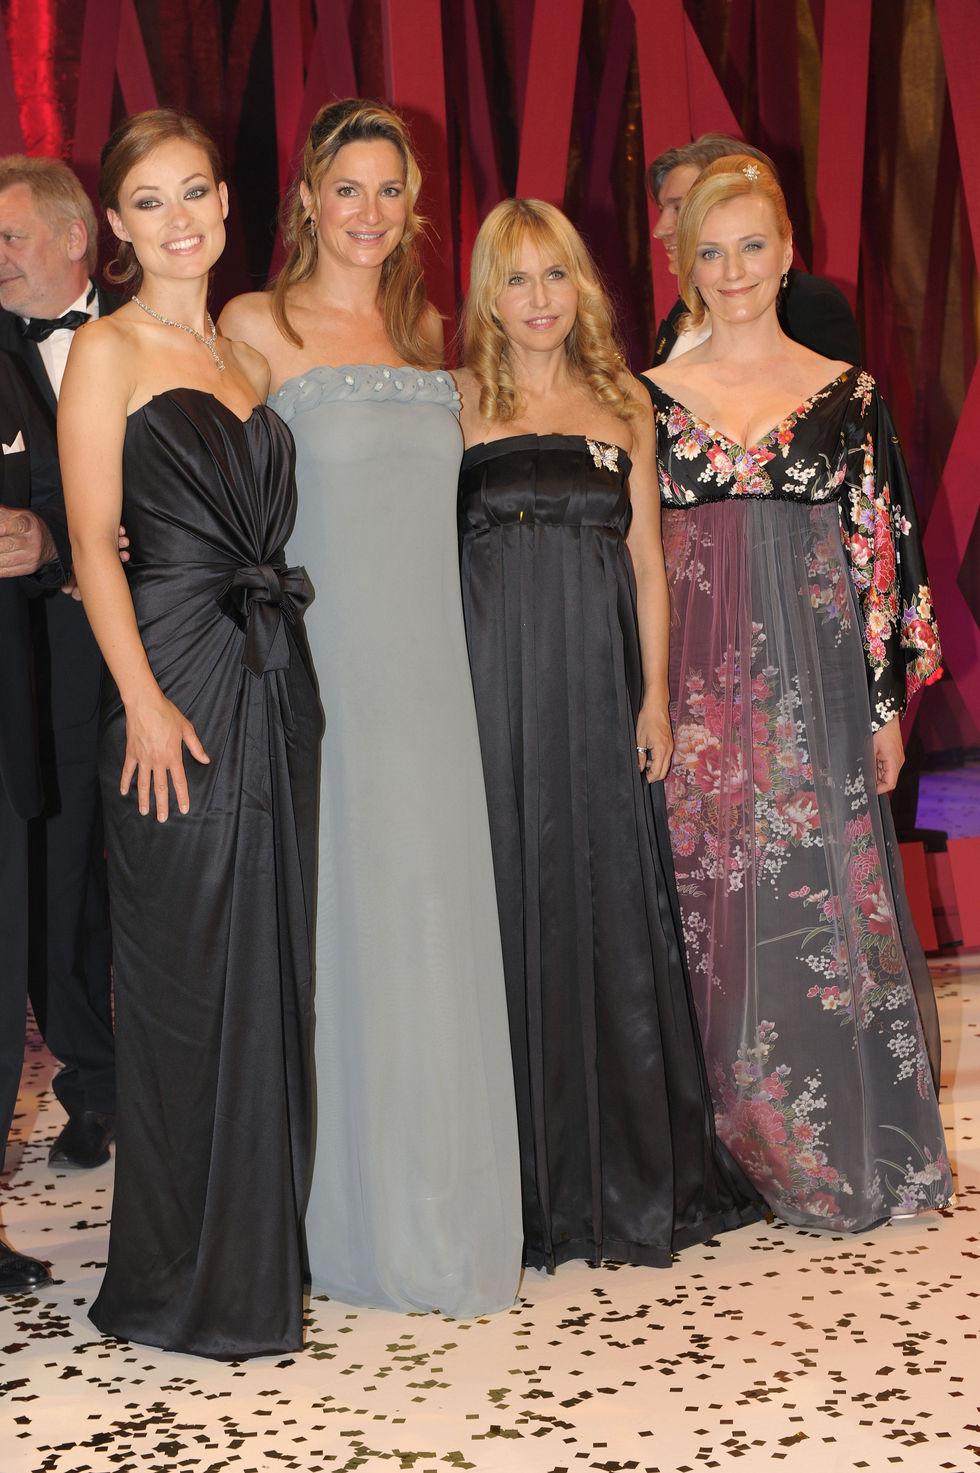 Olivia Wilde 2010 : olivia-wilde-at-romy-gala-2010-in-der-hofburg-in-vienna-26